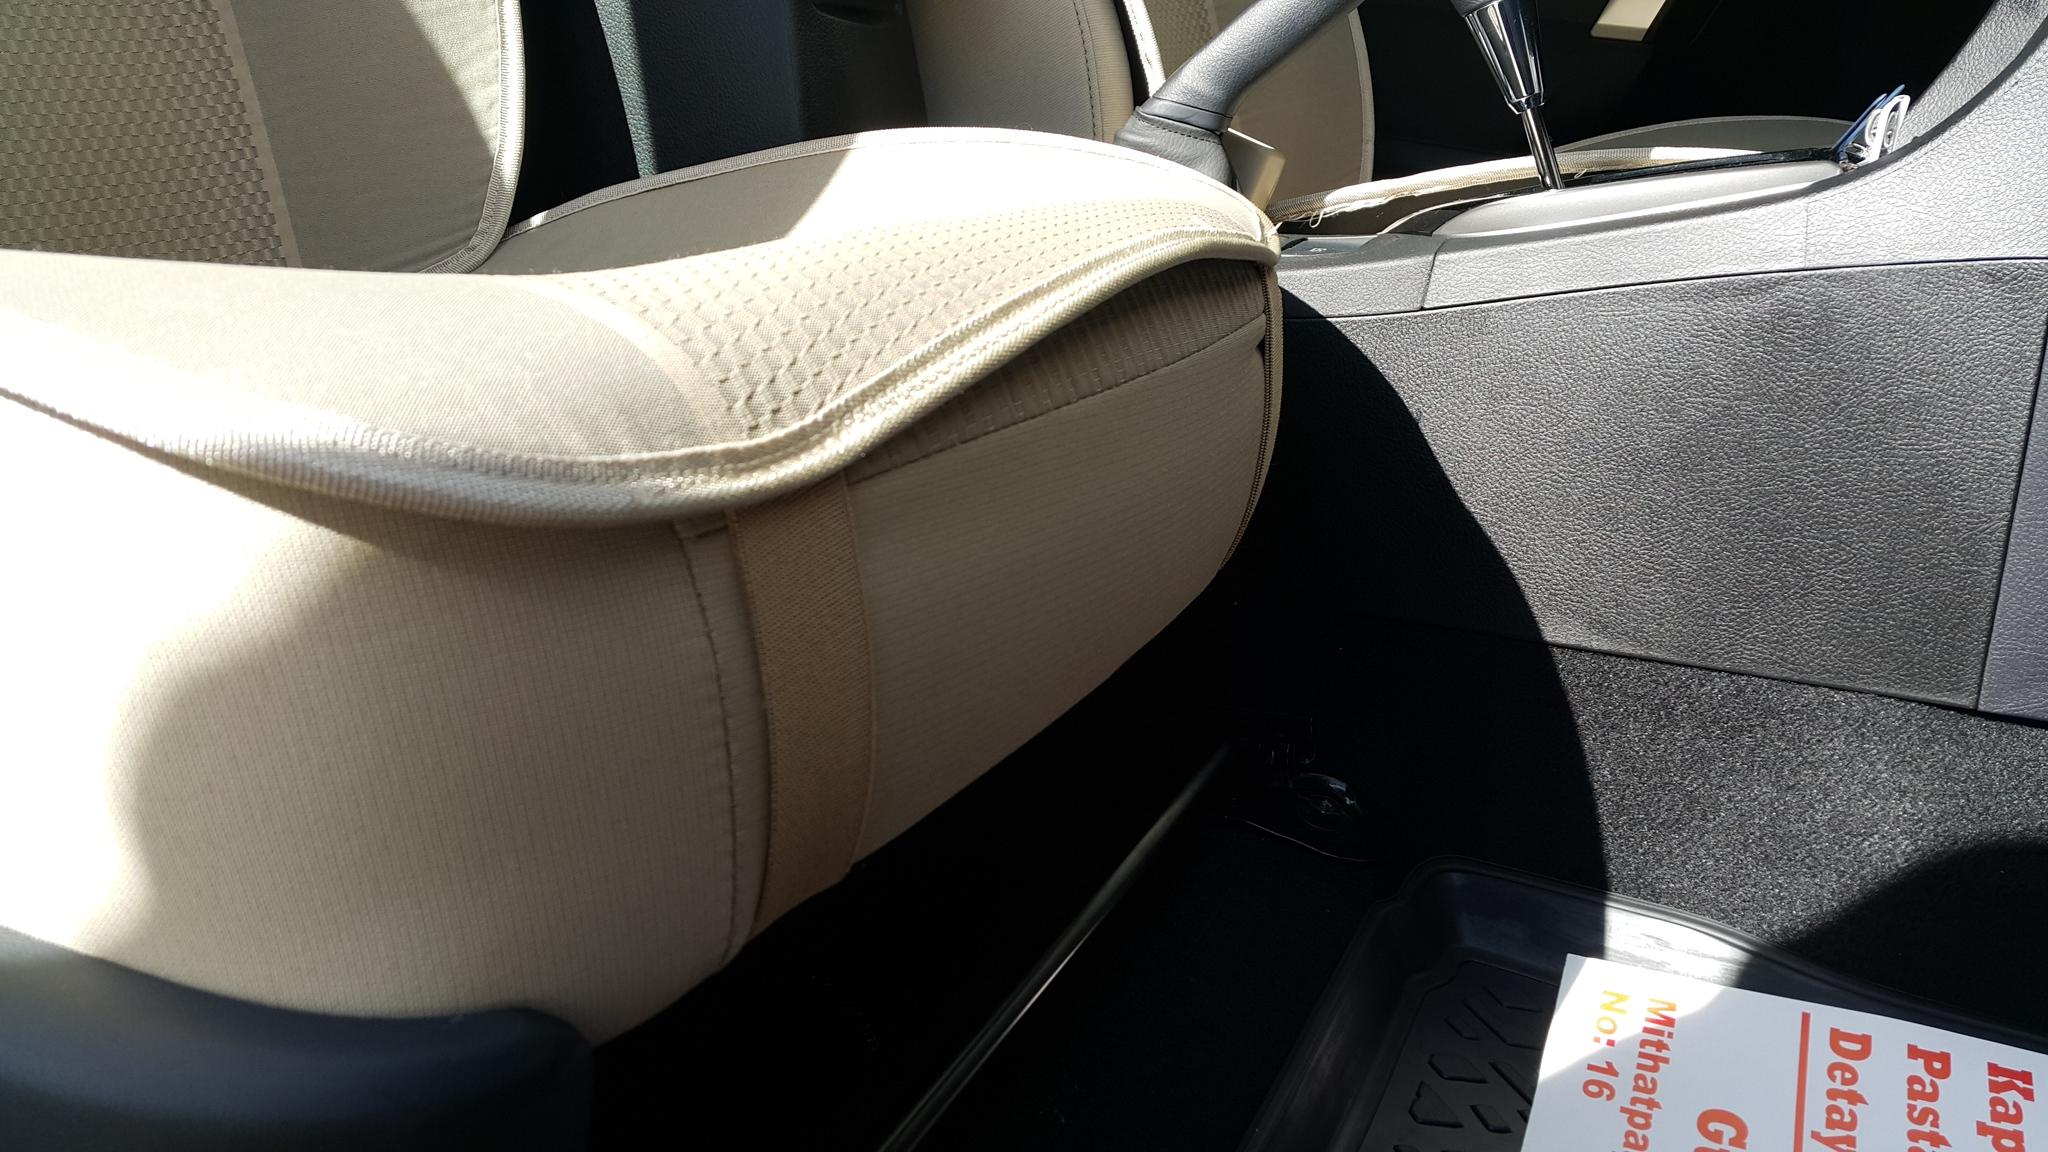 2015 Corolla Bod Koruyucu Kilif Montaji Resimli Anlatim Eklendi